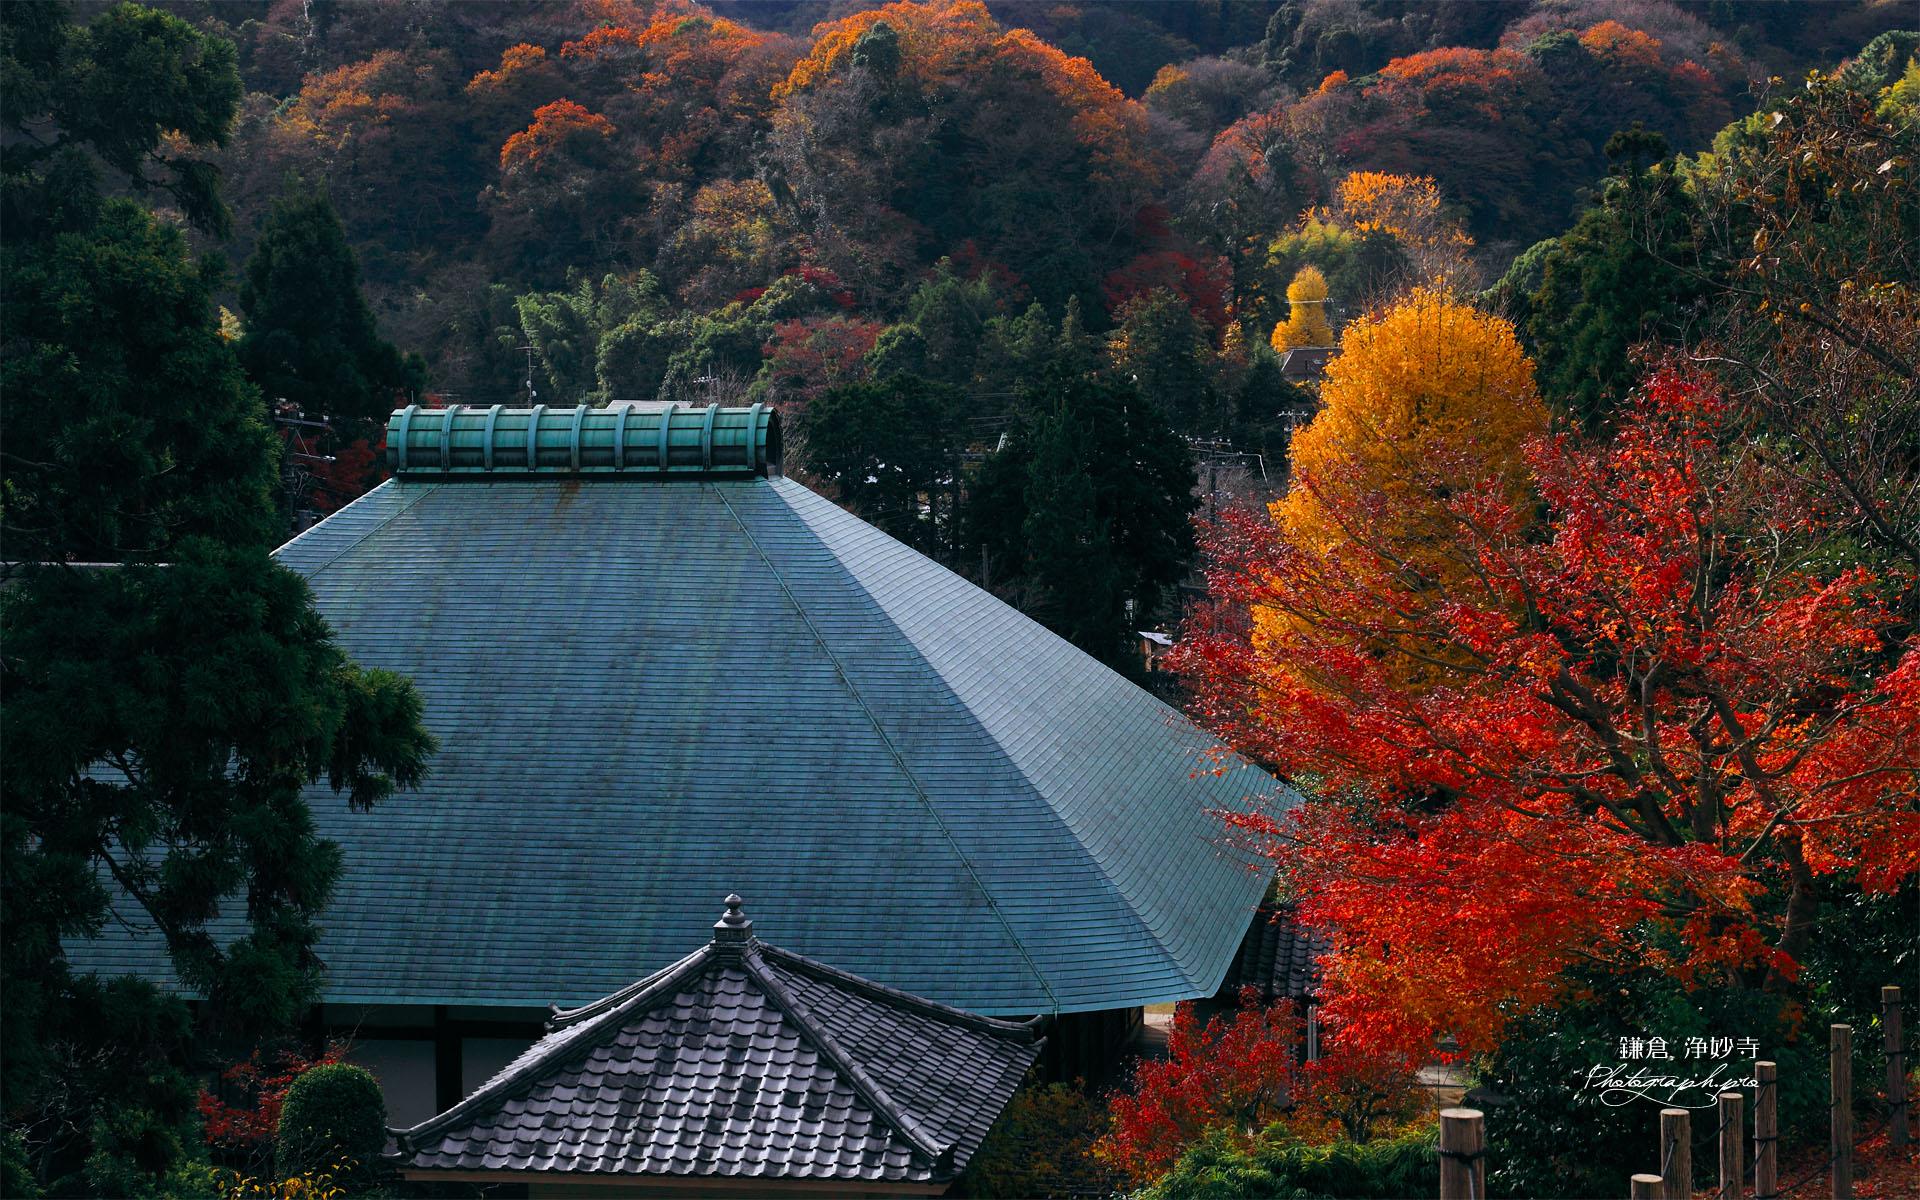 紅葉と浄妙寺本堂